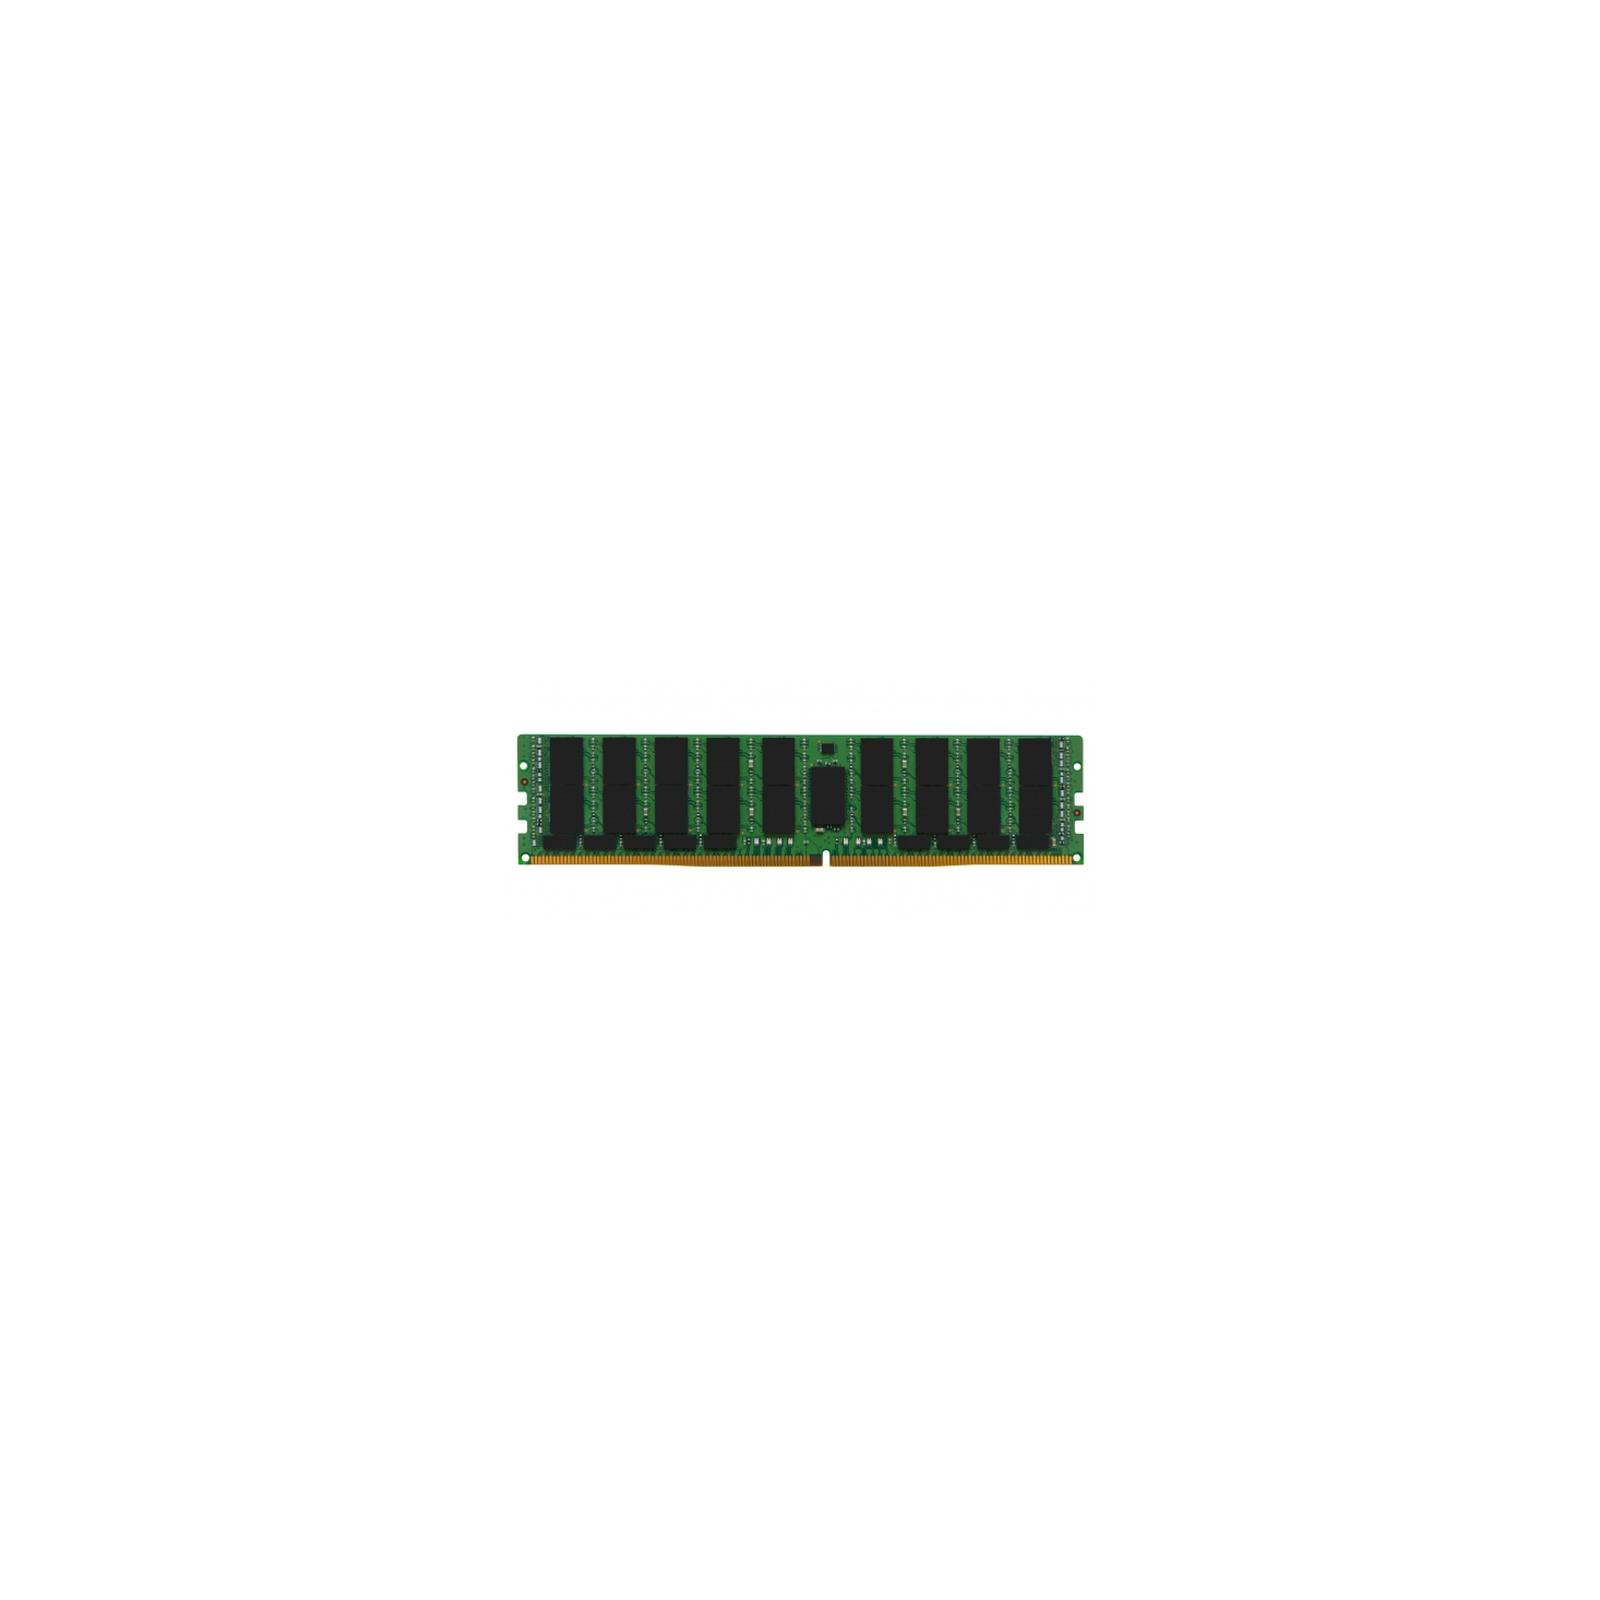 Модуль памяти для сервера DDR4 64GB ECC LRDIMM 2666MHz 4Rx4 1.2V CL19 Kingston (KSM26LQ4/64HCI)